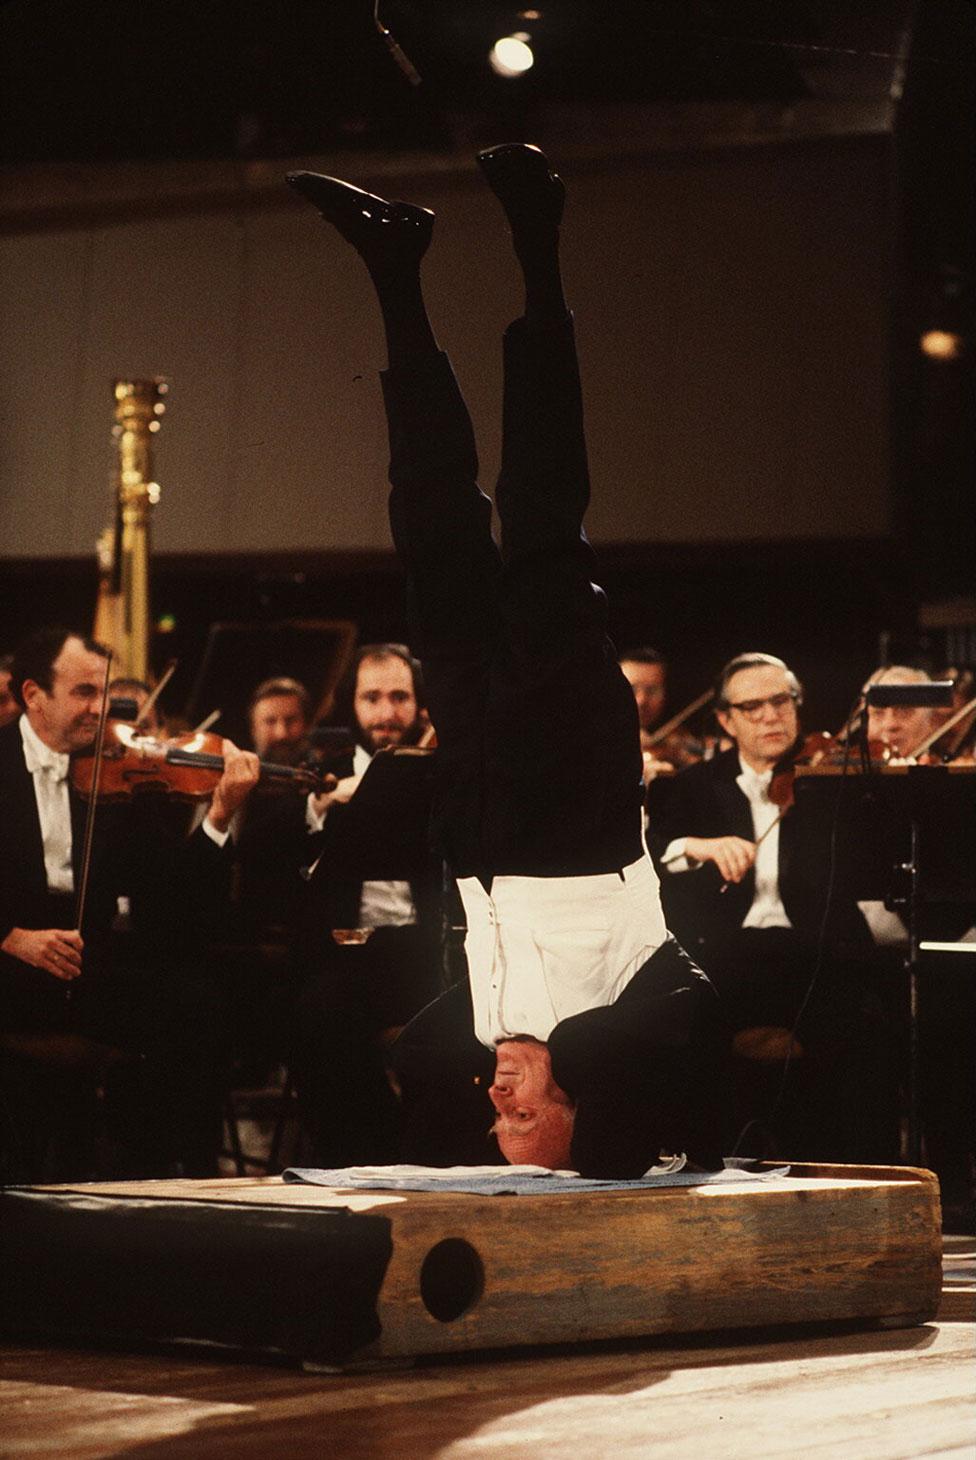 Yehudi Menuhin dirigiendo la Orquesta Filarmónica de Berlín de cabeza en 1982.